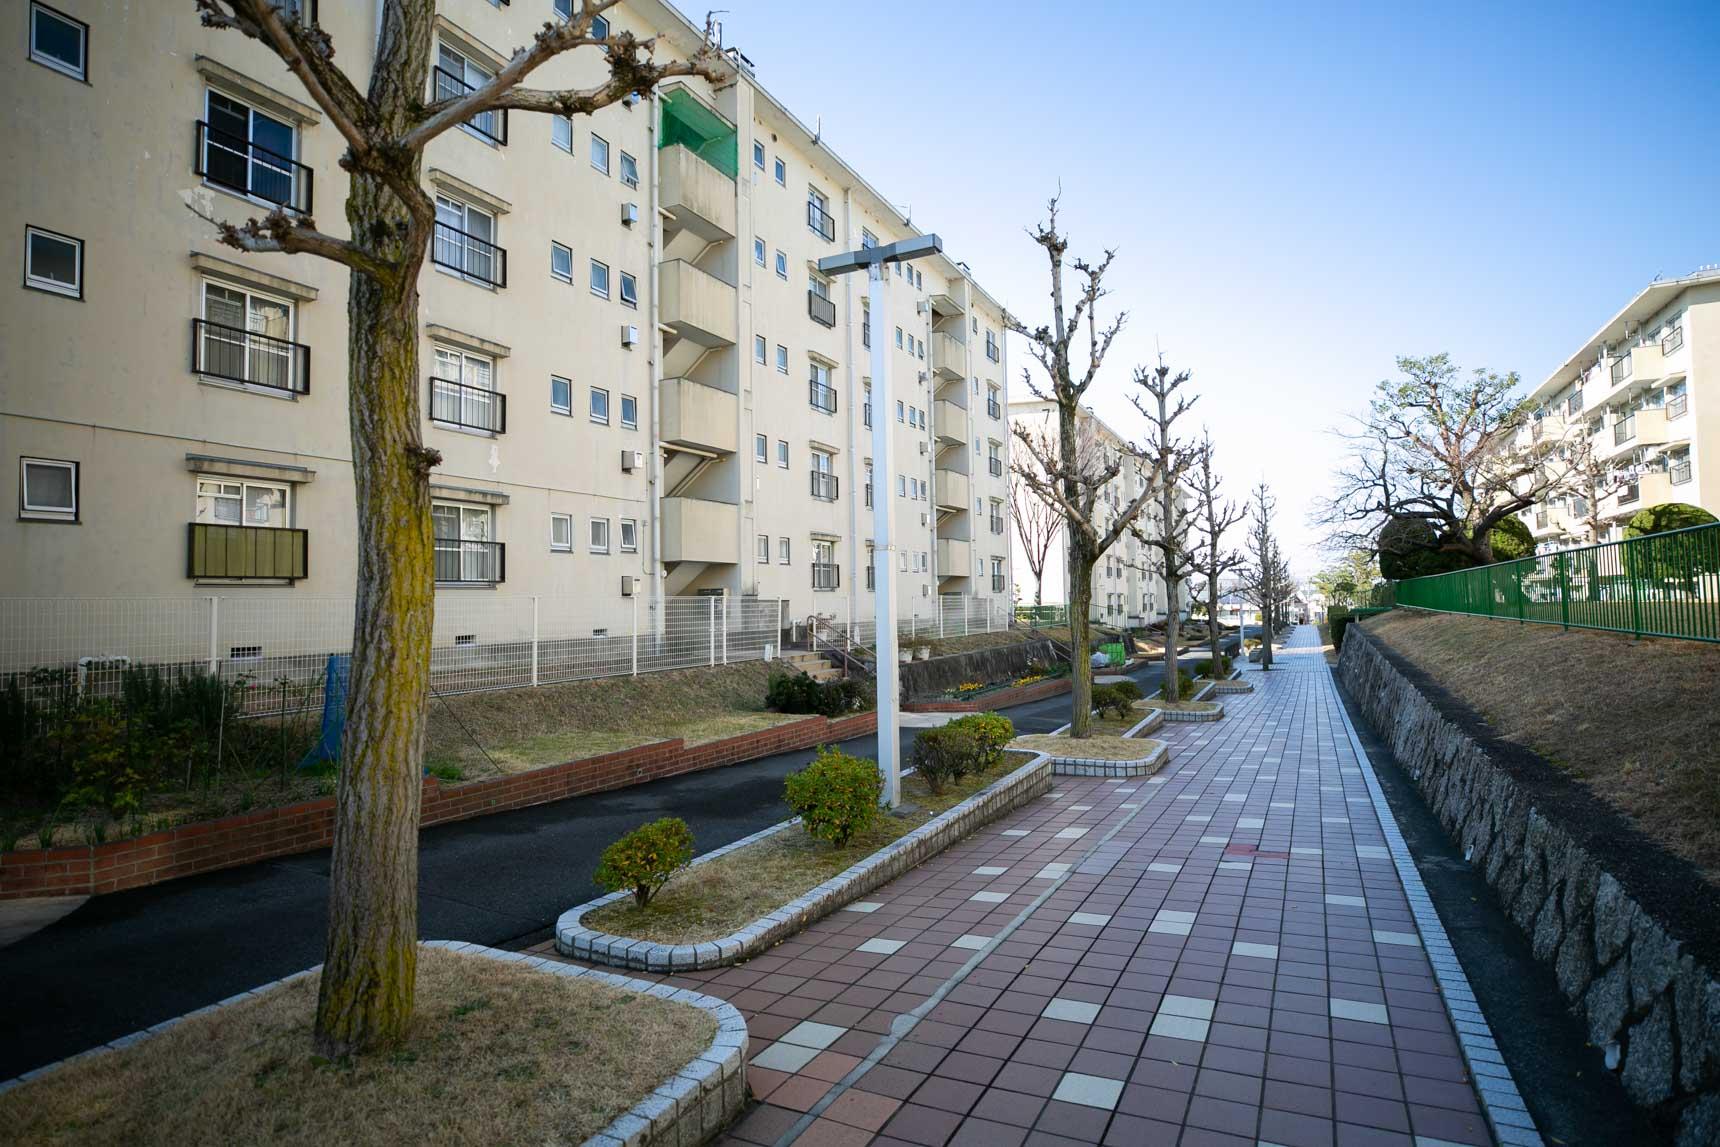 相生山団地も、住棟の間のスペースが広めにとられていて、敷地内をお散歩するのも楽しそうだなと感じました。